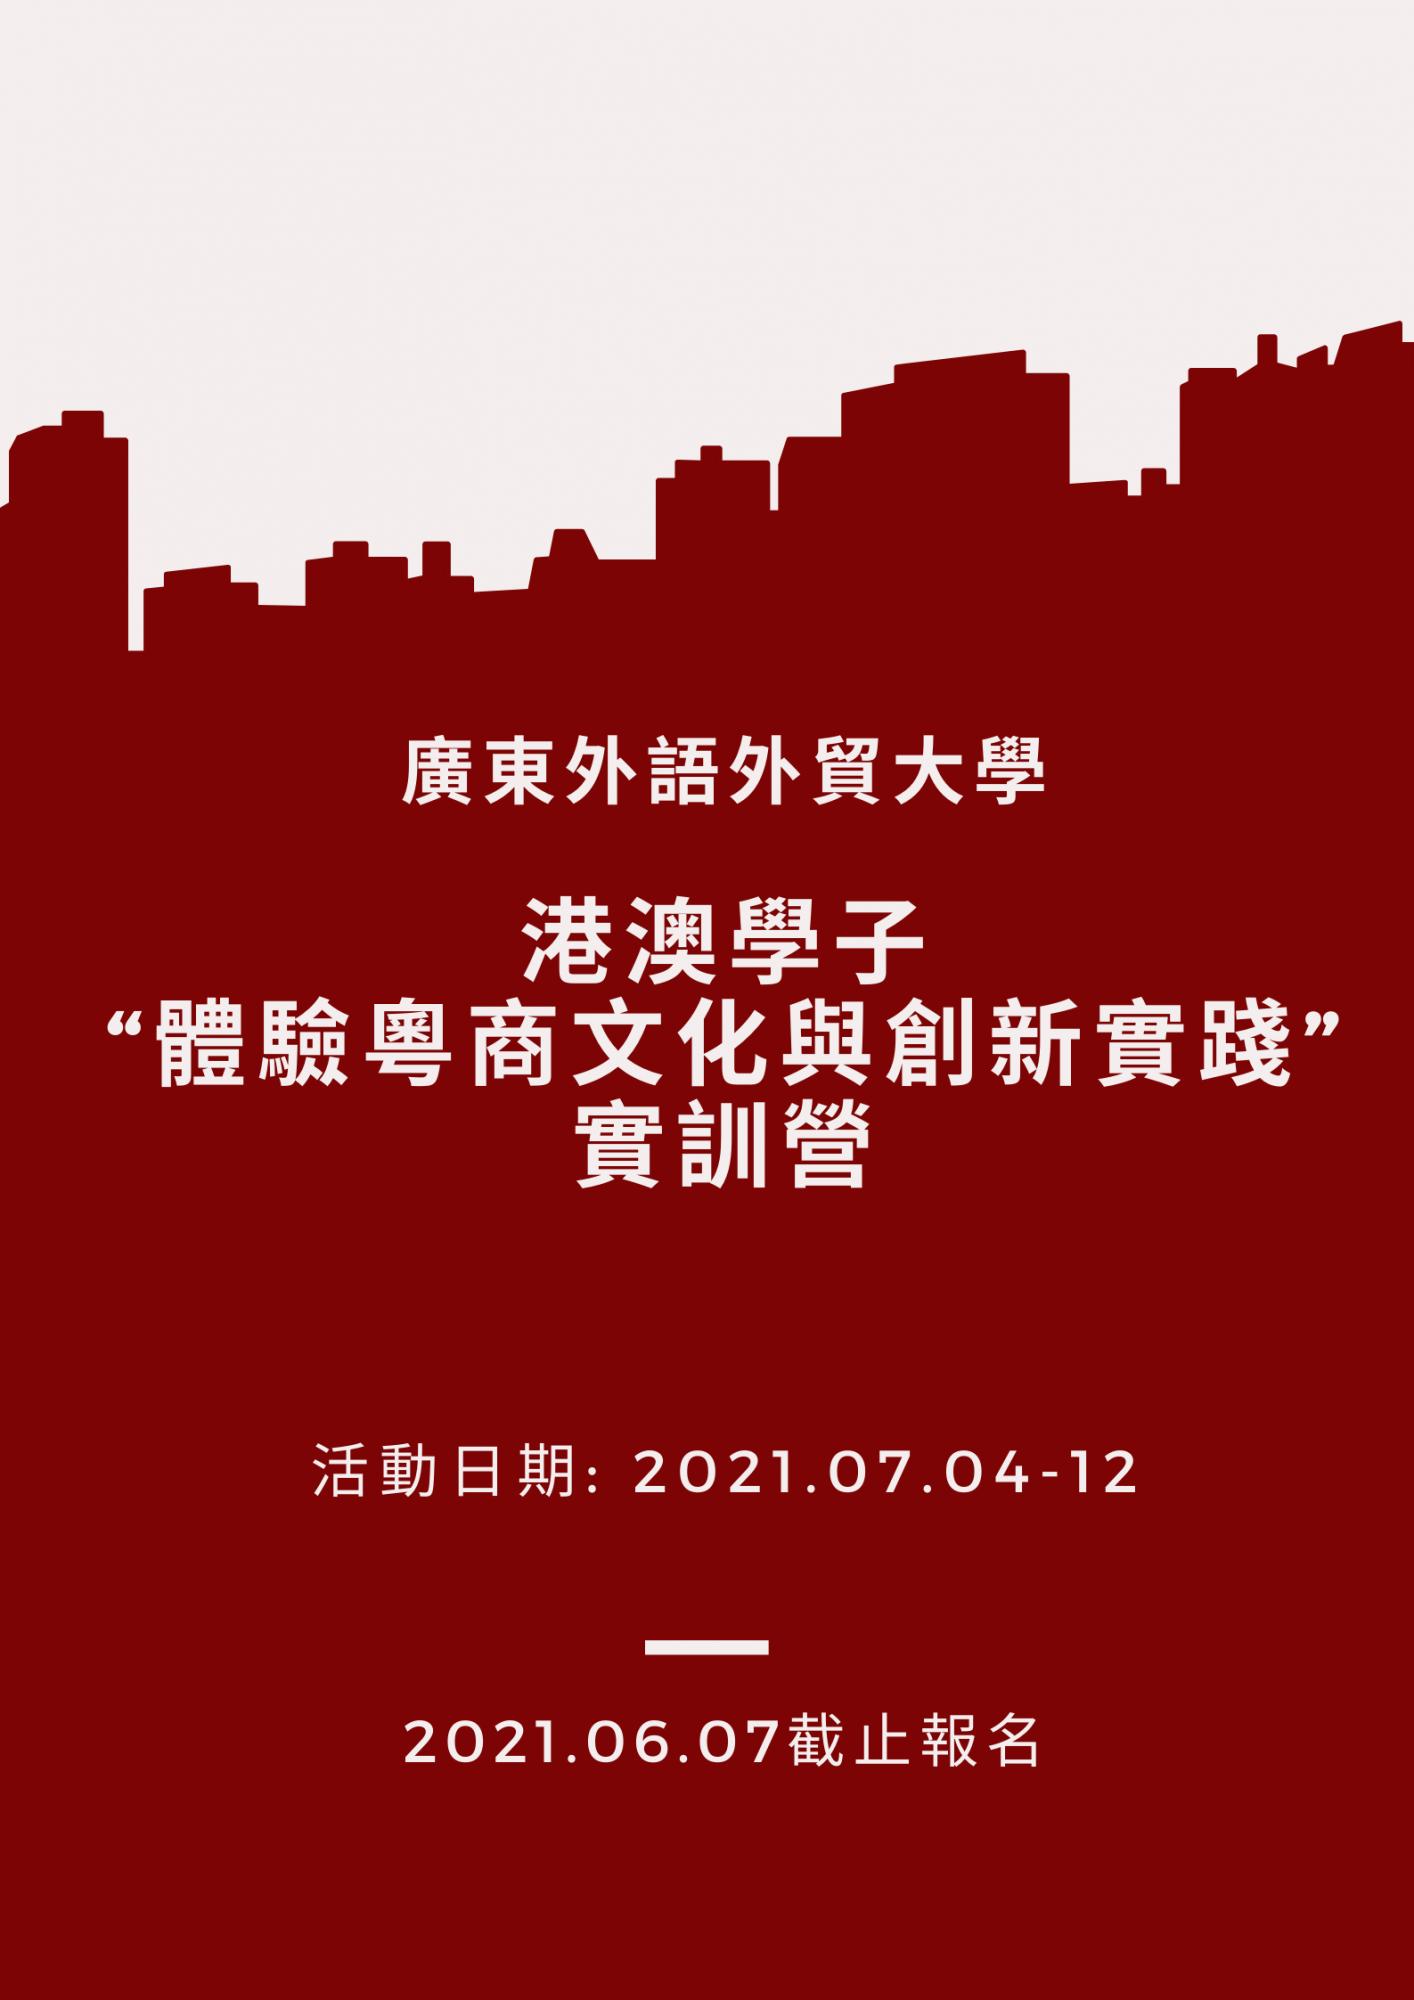 """廣東外語外貿大學 港澳學子""""體驗粵商文化與創新實踐""""實訓營"""